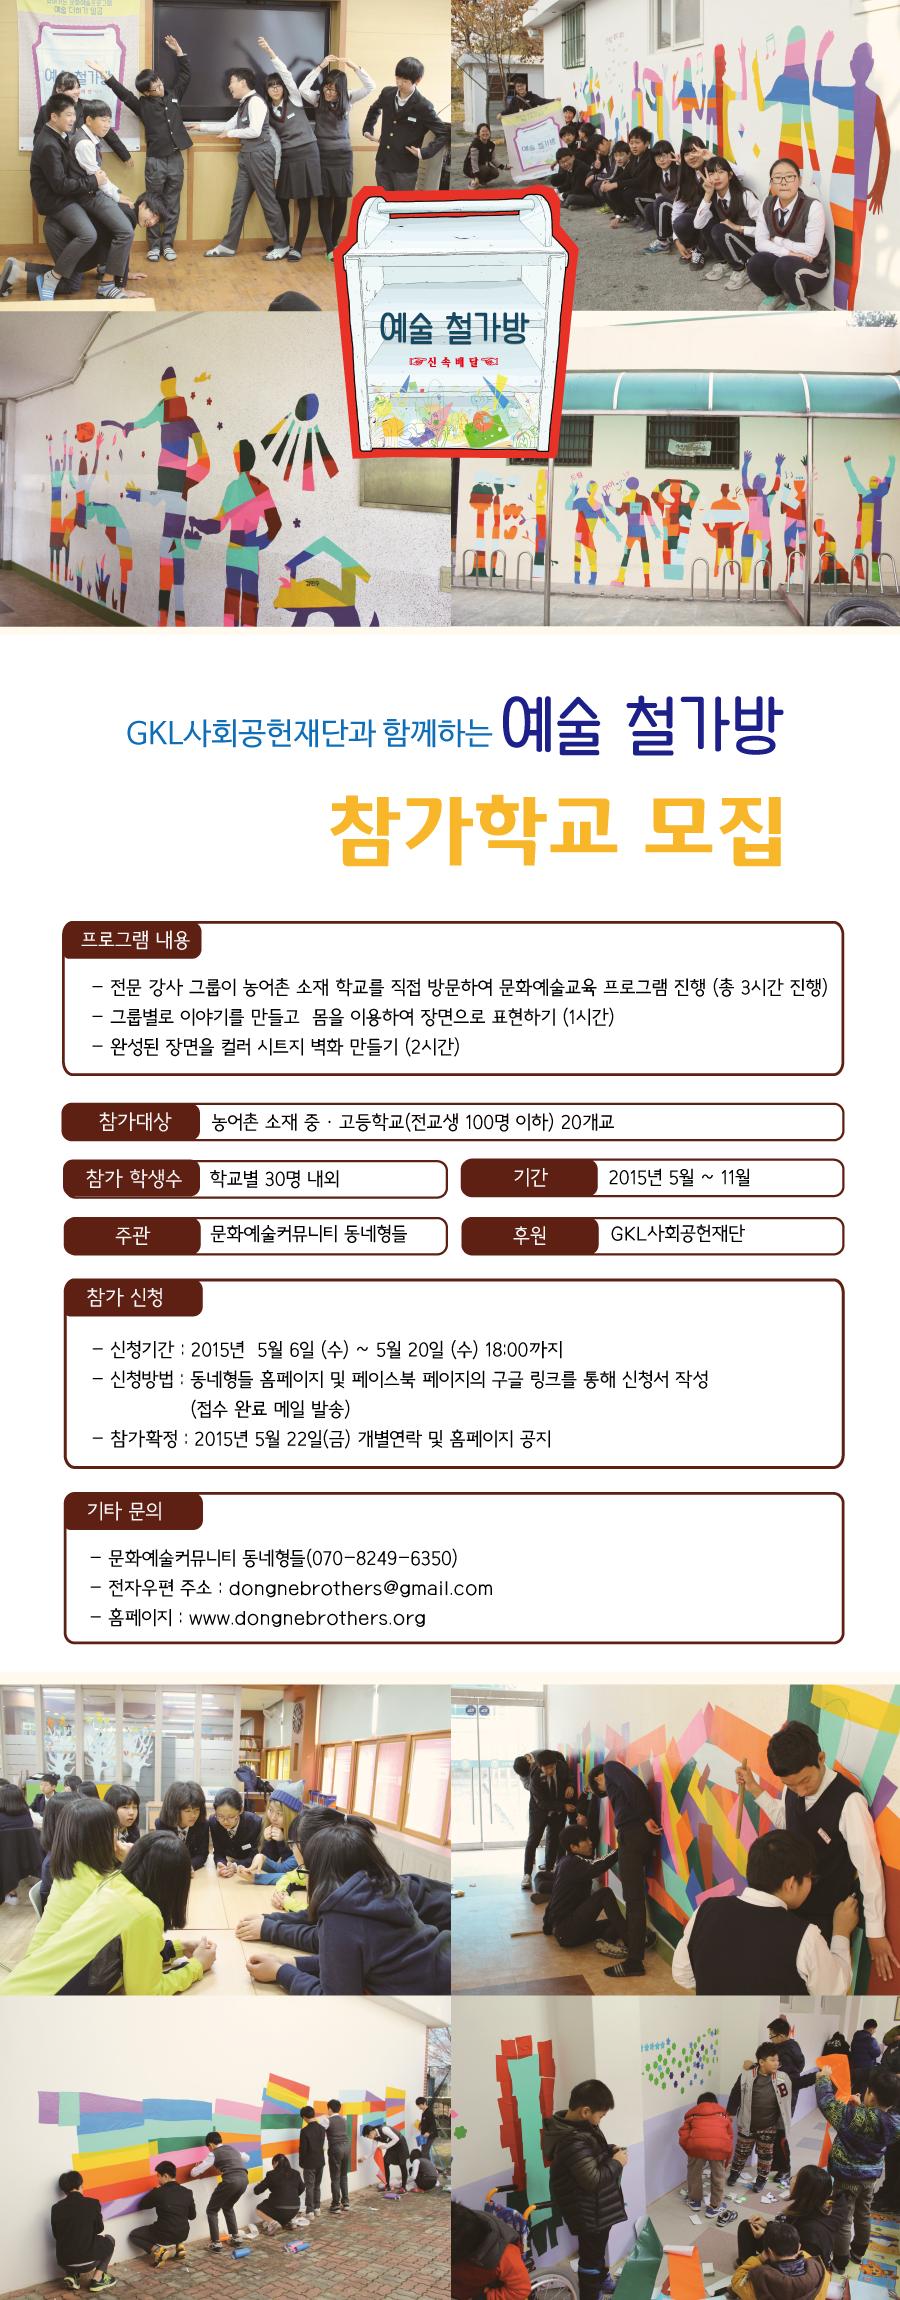 예술철가방-웹자보-최종.png